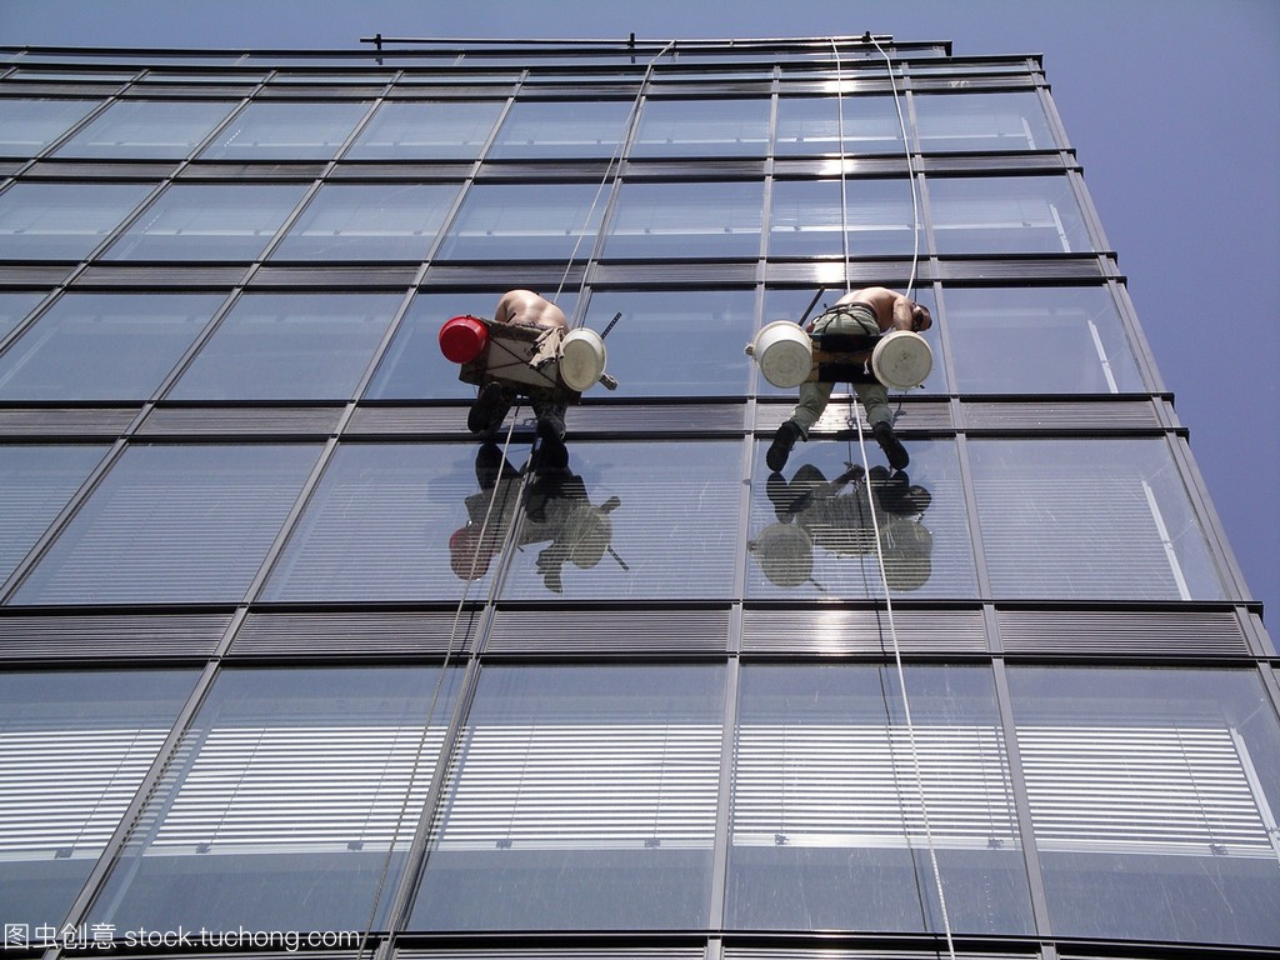 一个人清洗高层建筑的窗户